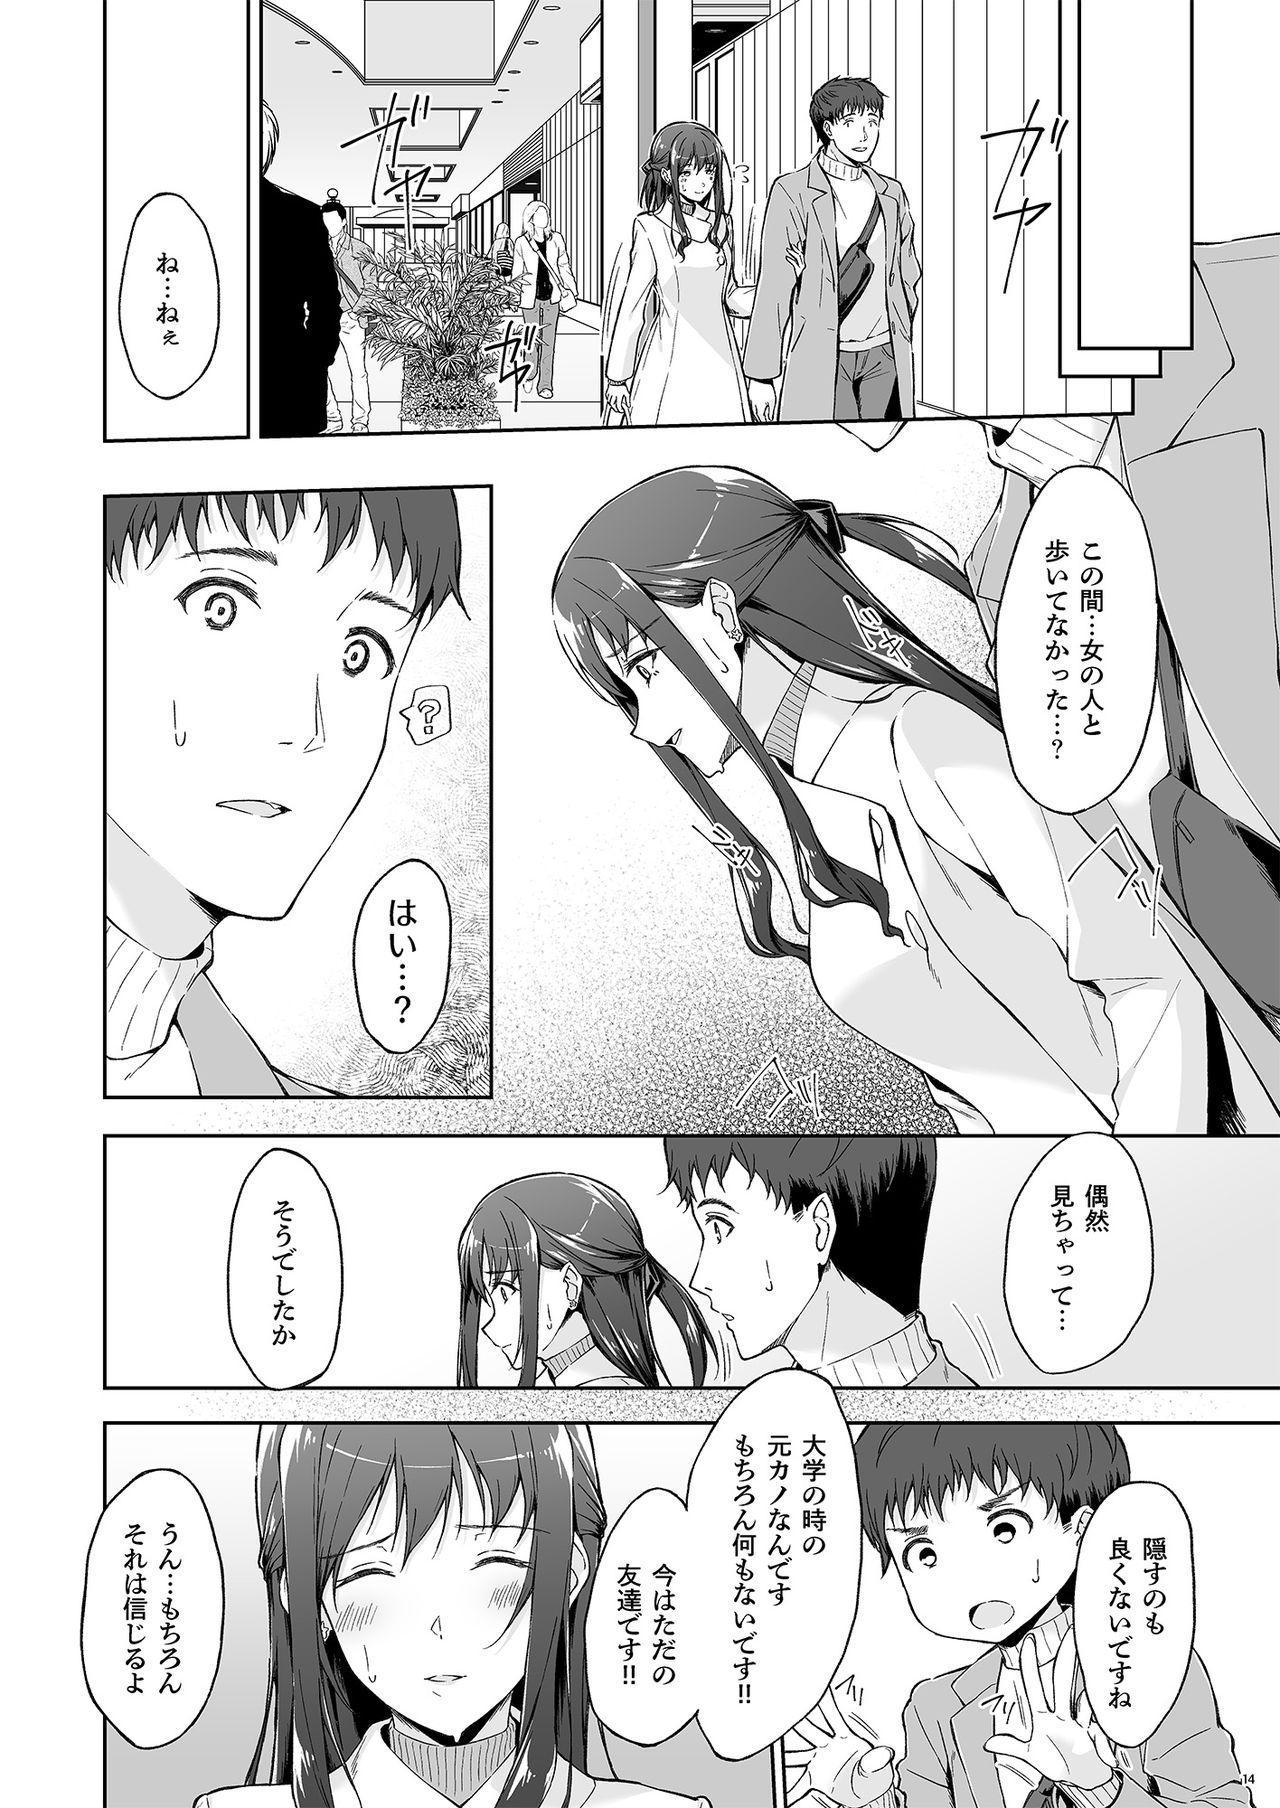 Kyuujitsu no Joushi ni wa, Kawaii Himitsu ga Aru. 2 11